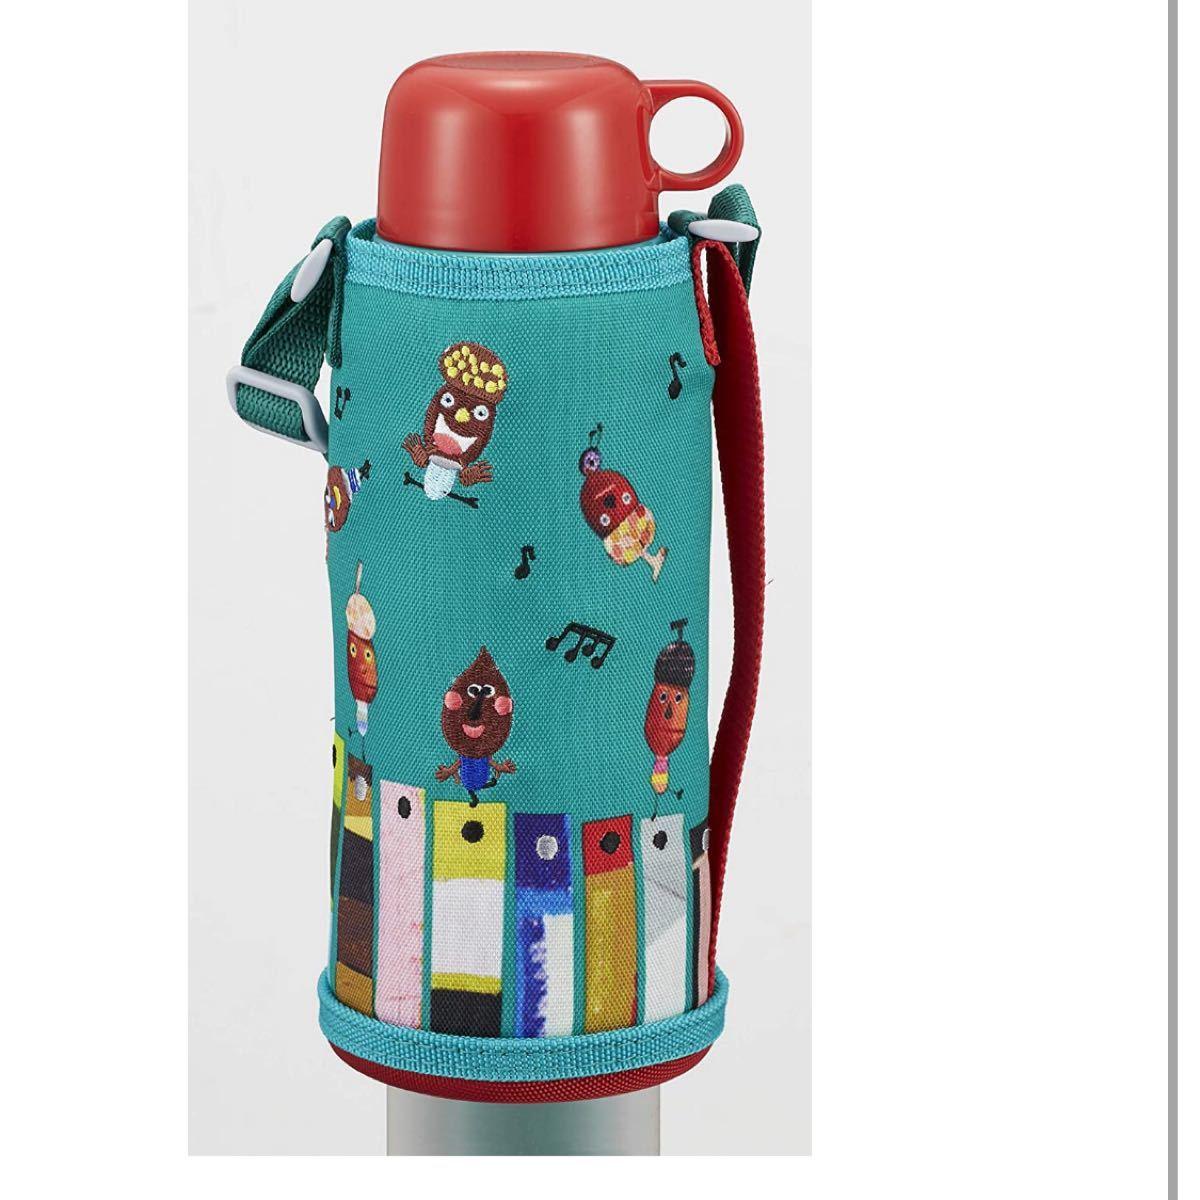 タイガー水筒 ペットボトルホルダー サーモス 真空断熱 コロボックル ステンレスボトル 水筒 2way TIGER